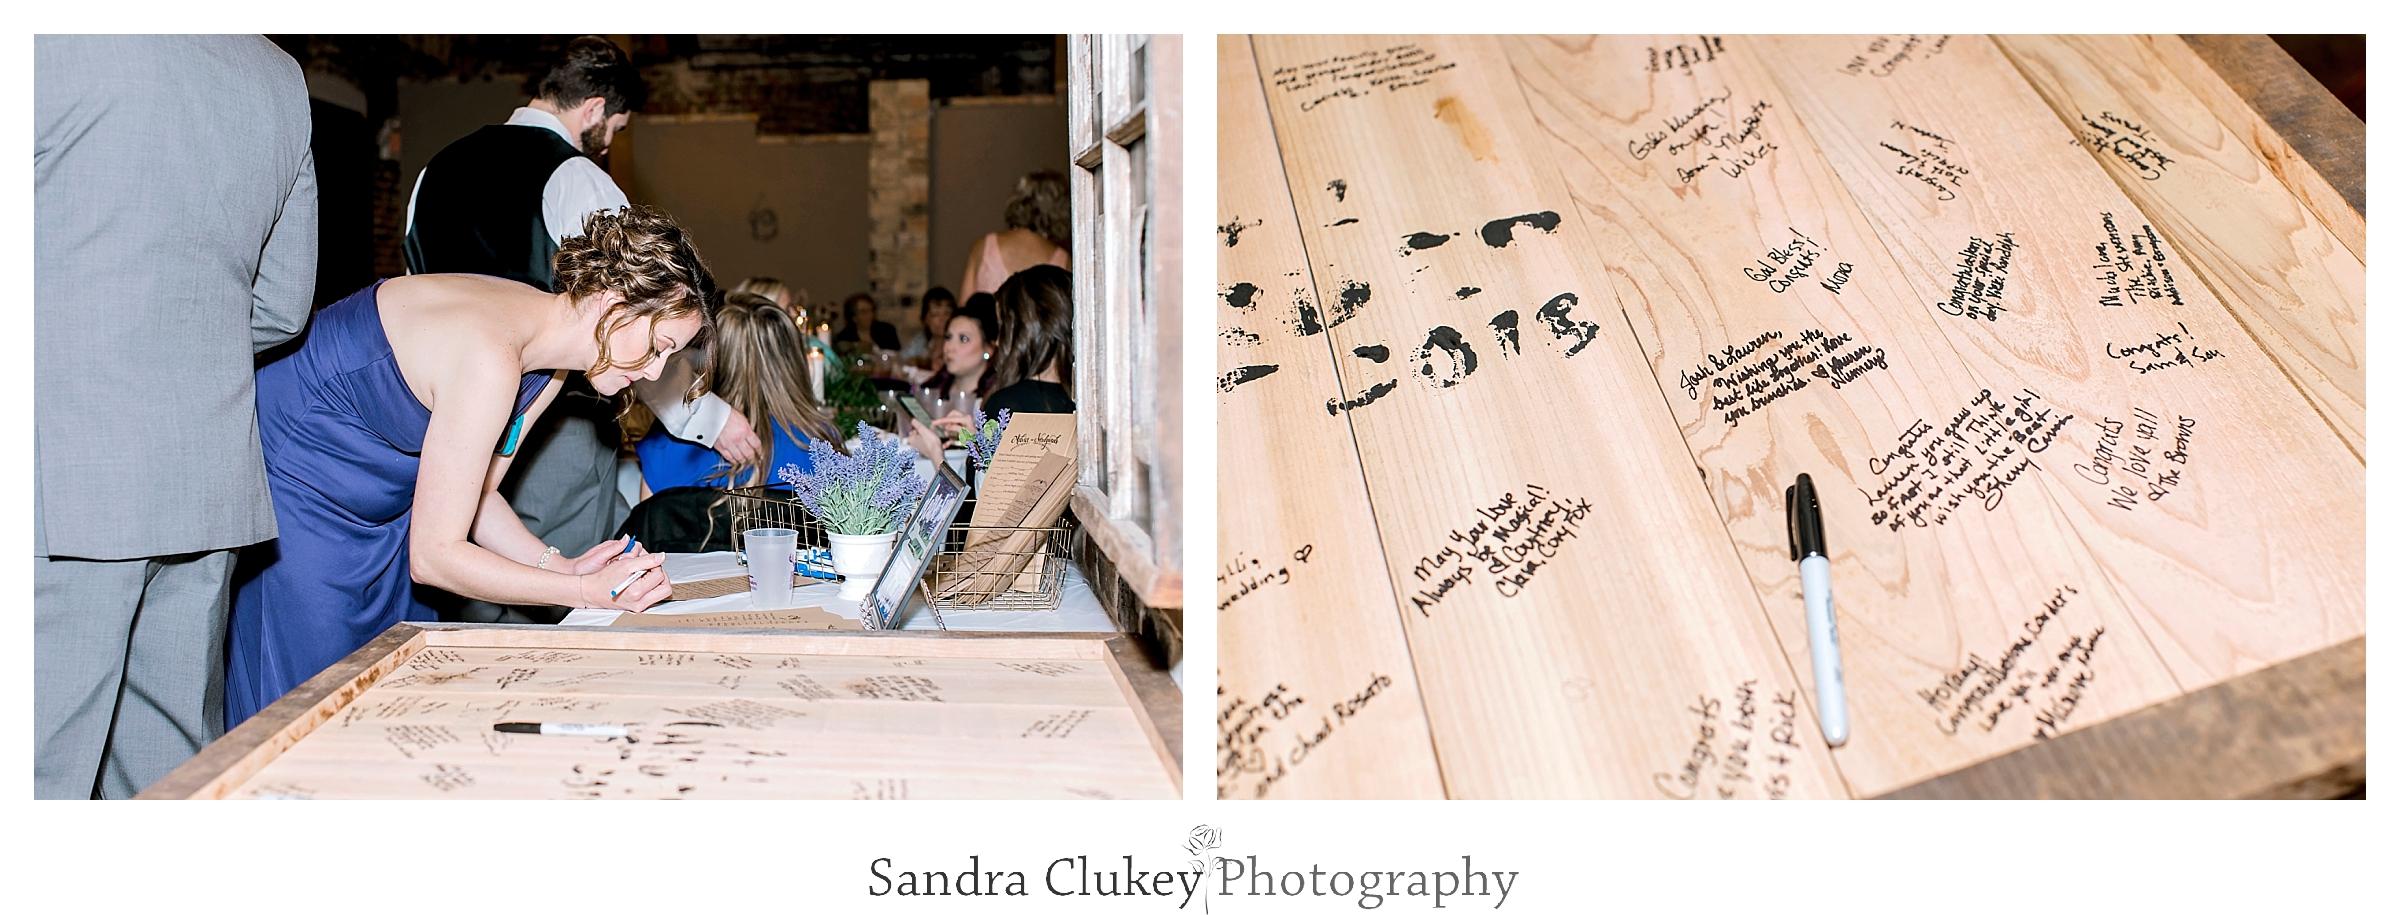 Sandra Clukey Photography_1550.jpg